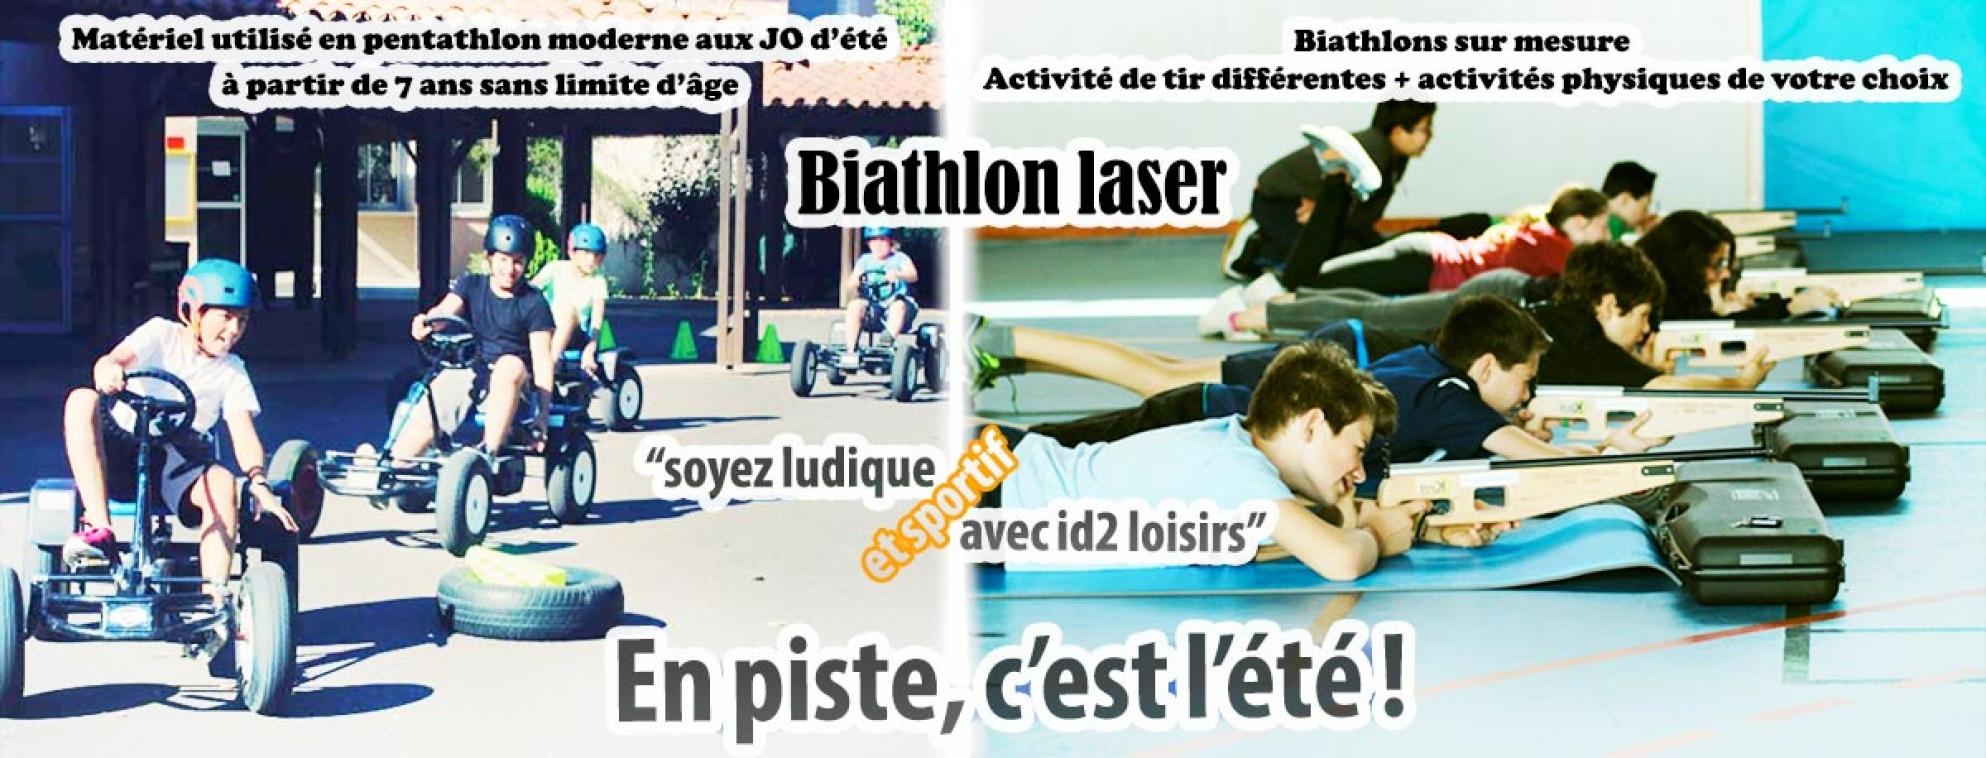 C'est l'été ! En piste ! En mode biathlon laser.